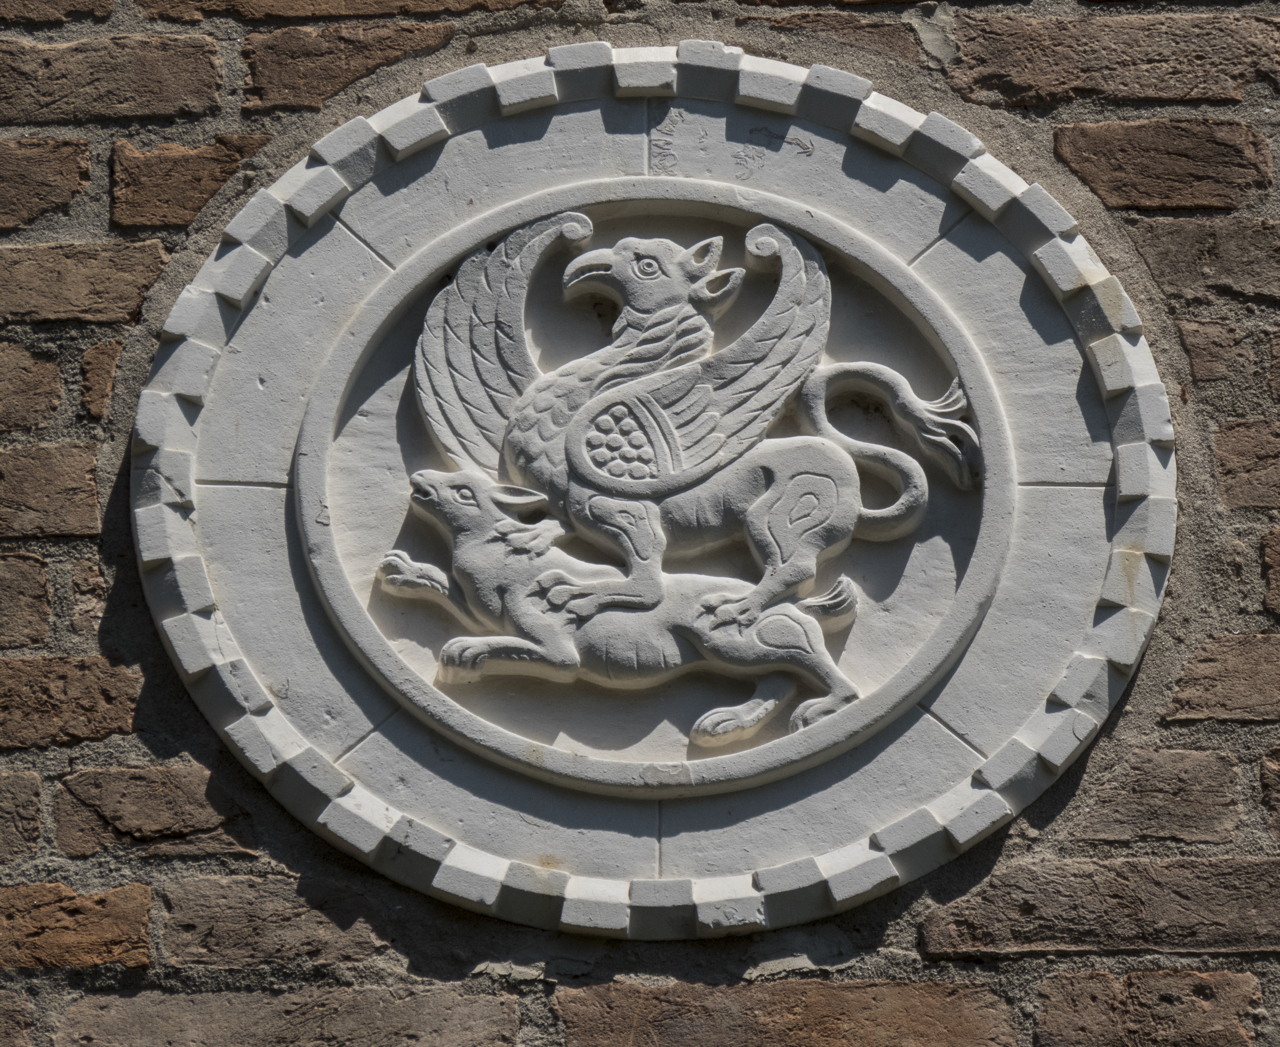 grifone, leporide, motivi decorativi a dentelli (formella, serie) - ambito veneziano (sec. XX)